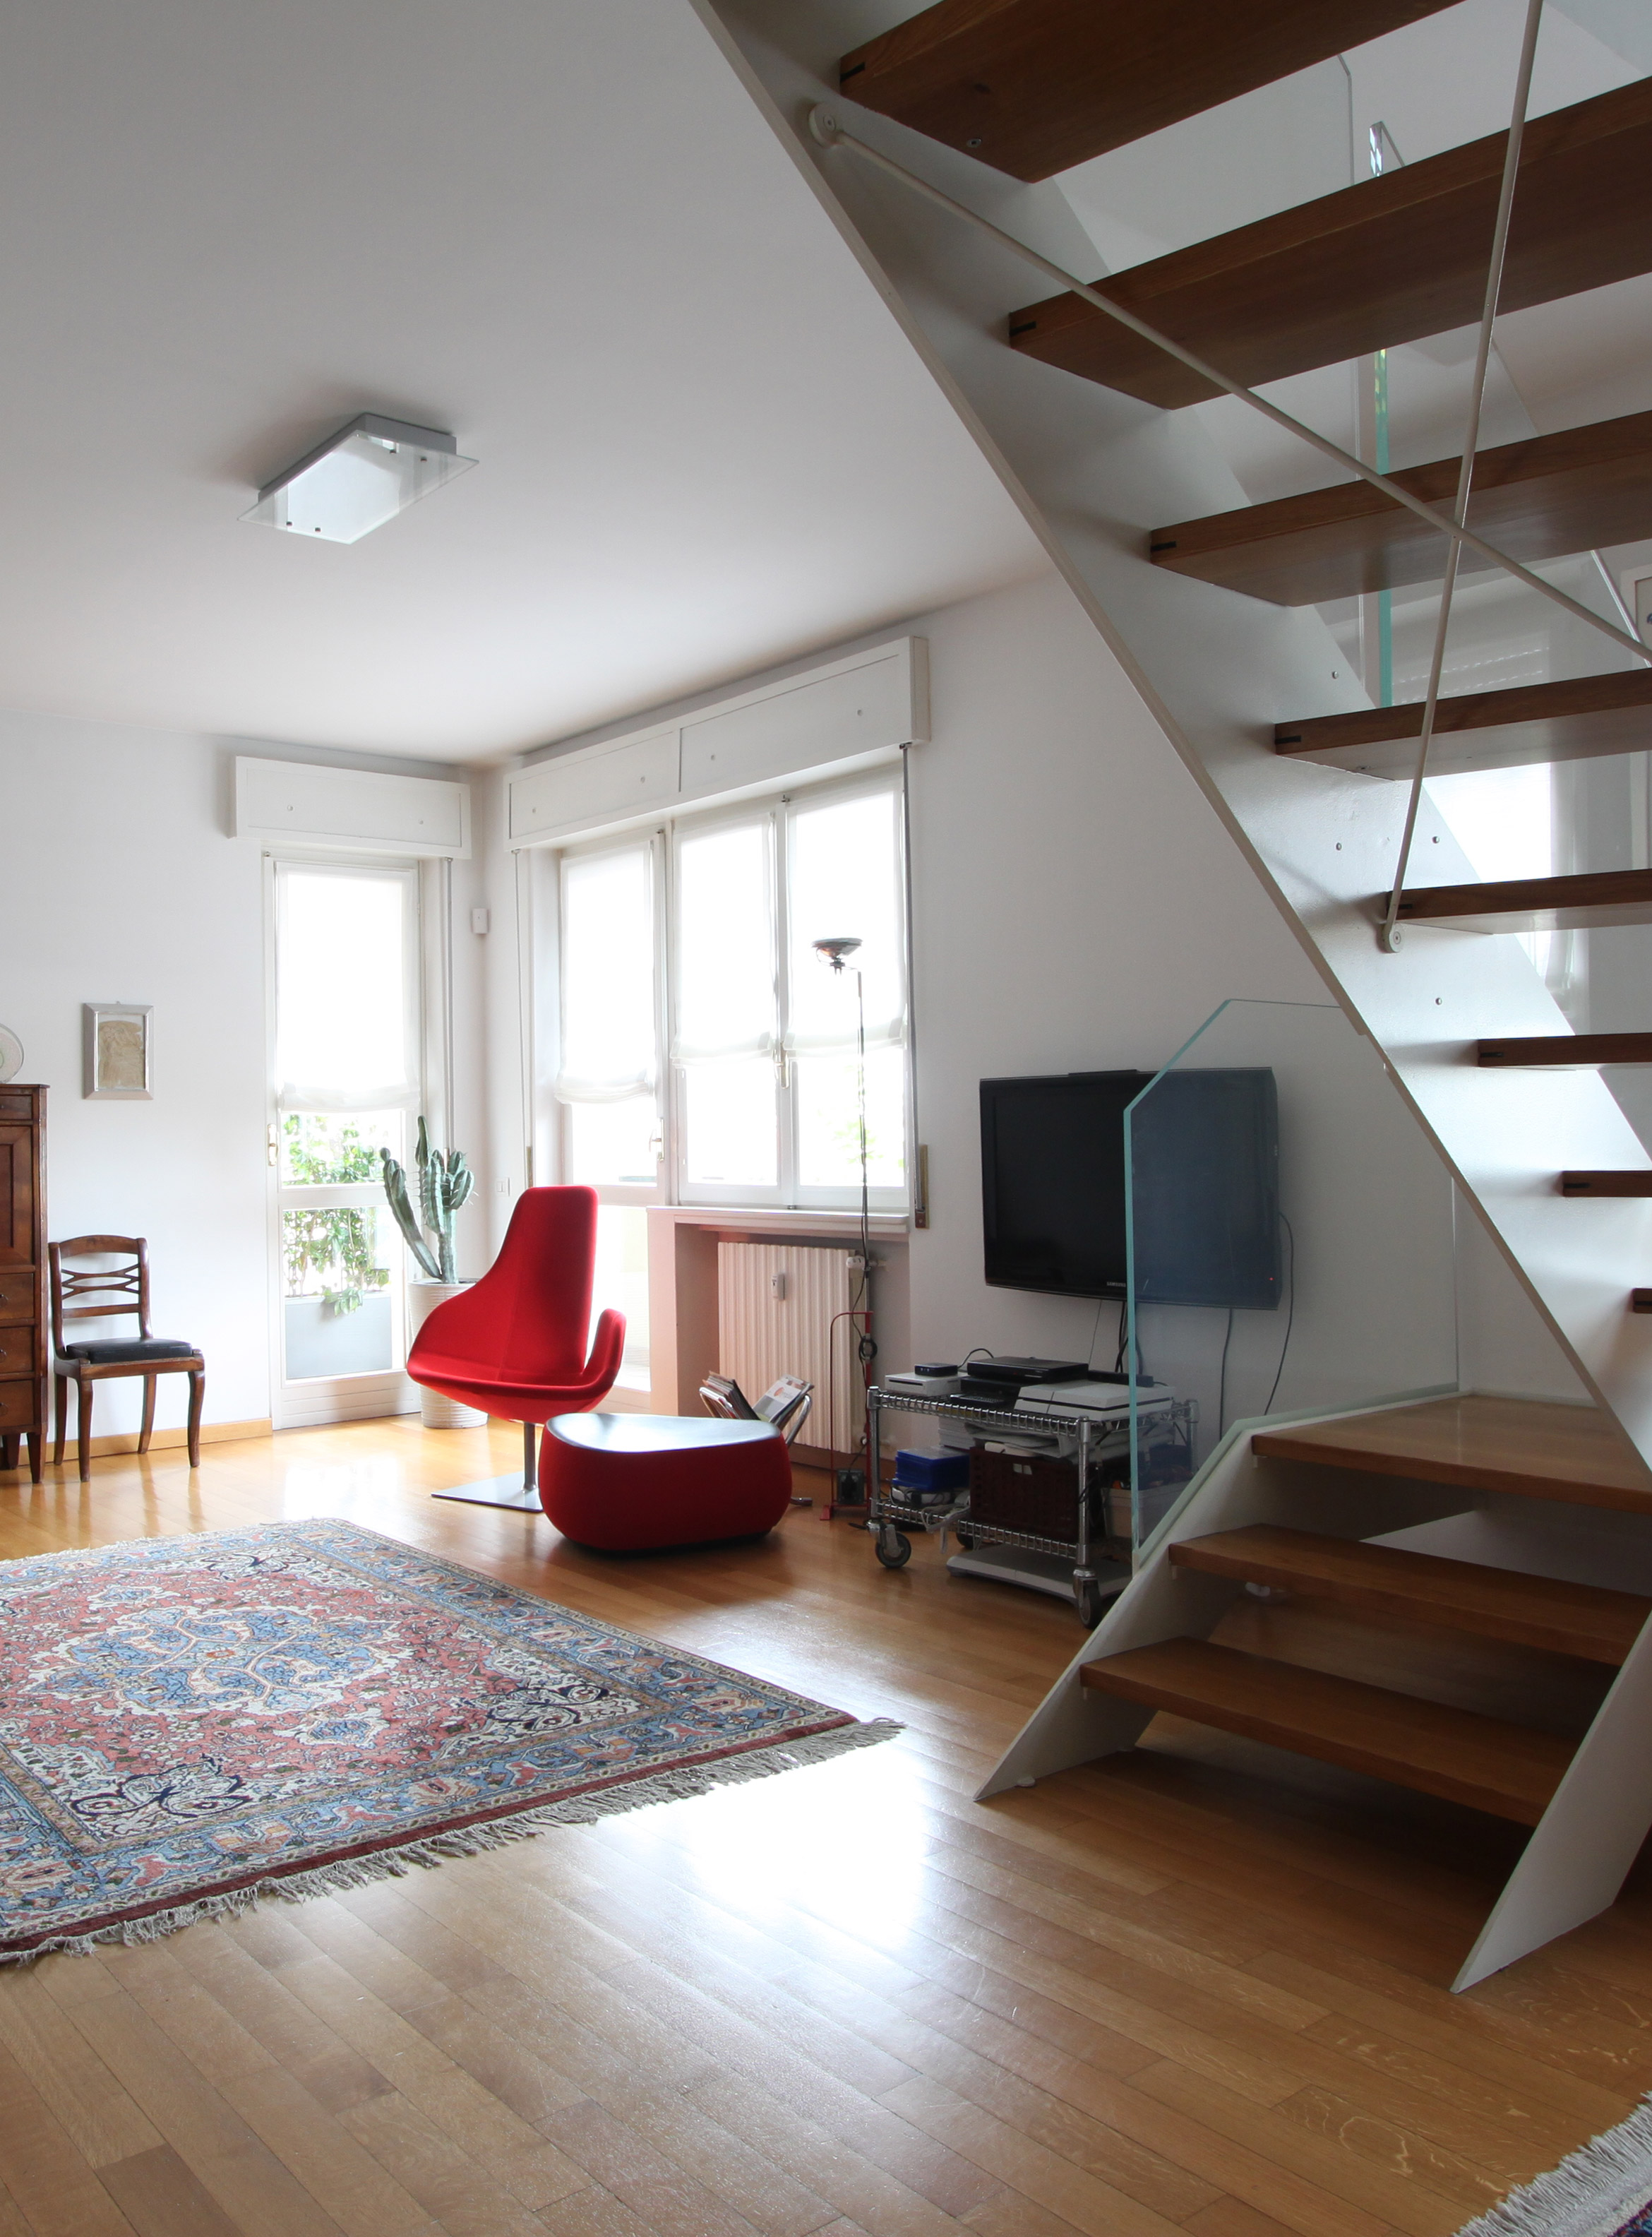 Fumagalli ville villette appartamenti in vendita milano for Vendita immobili da privati